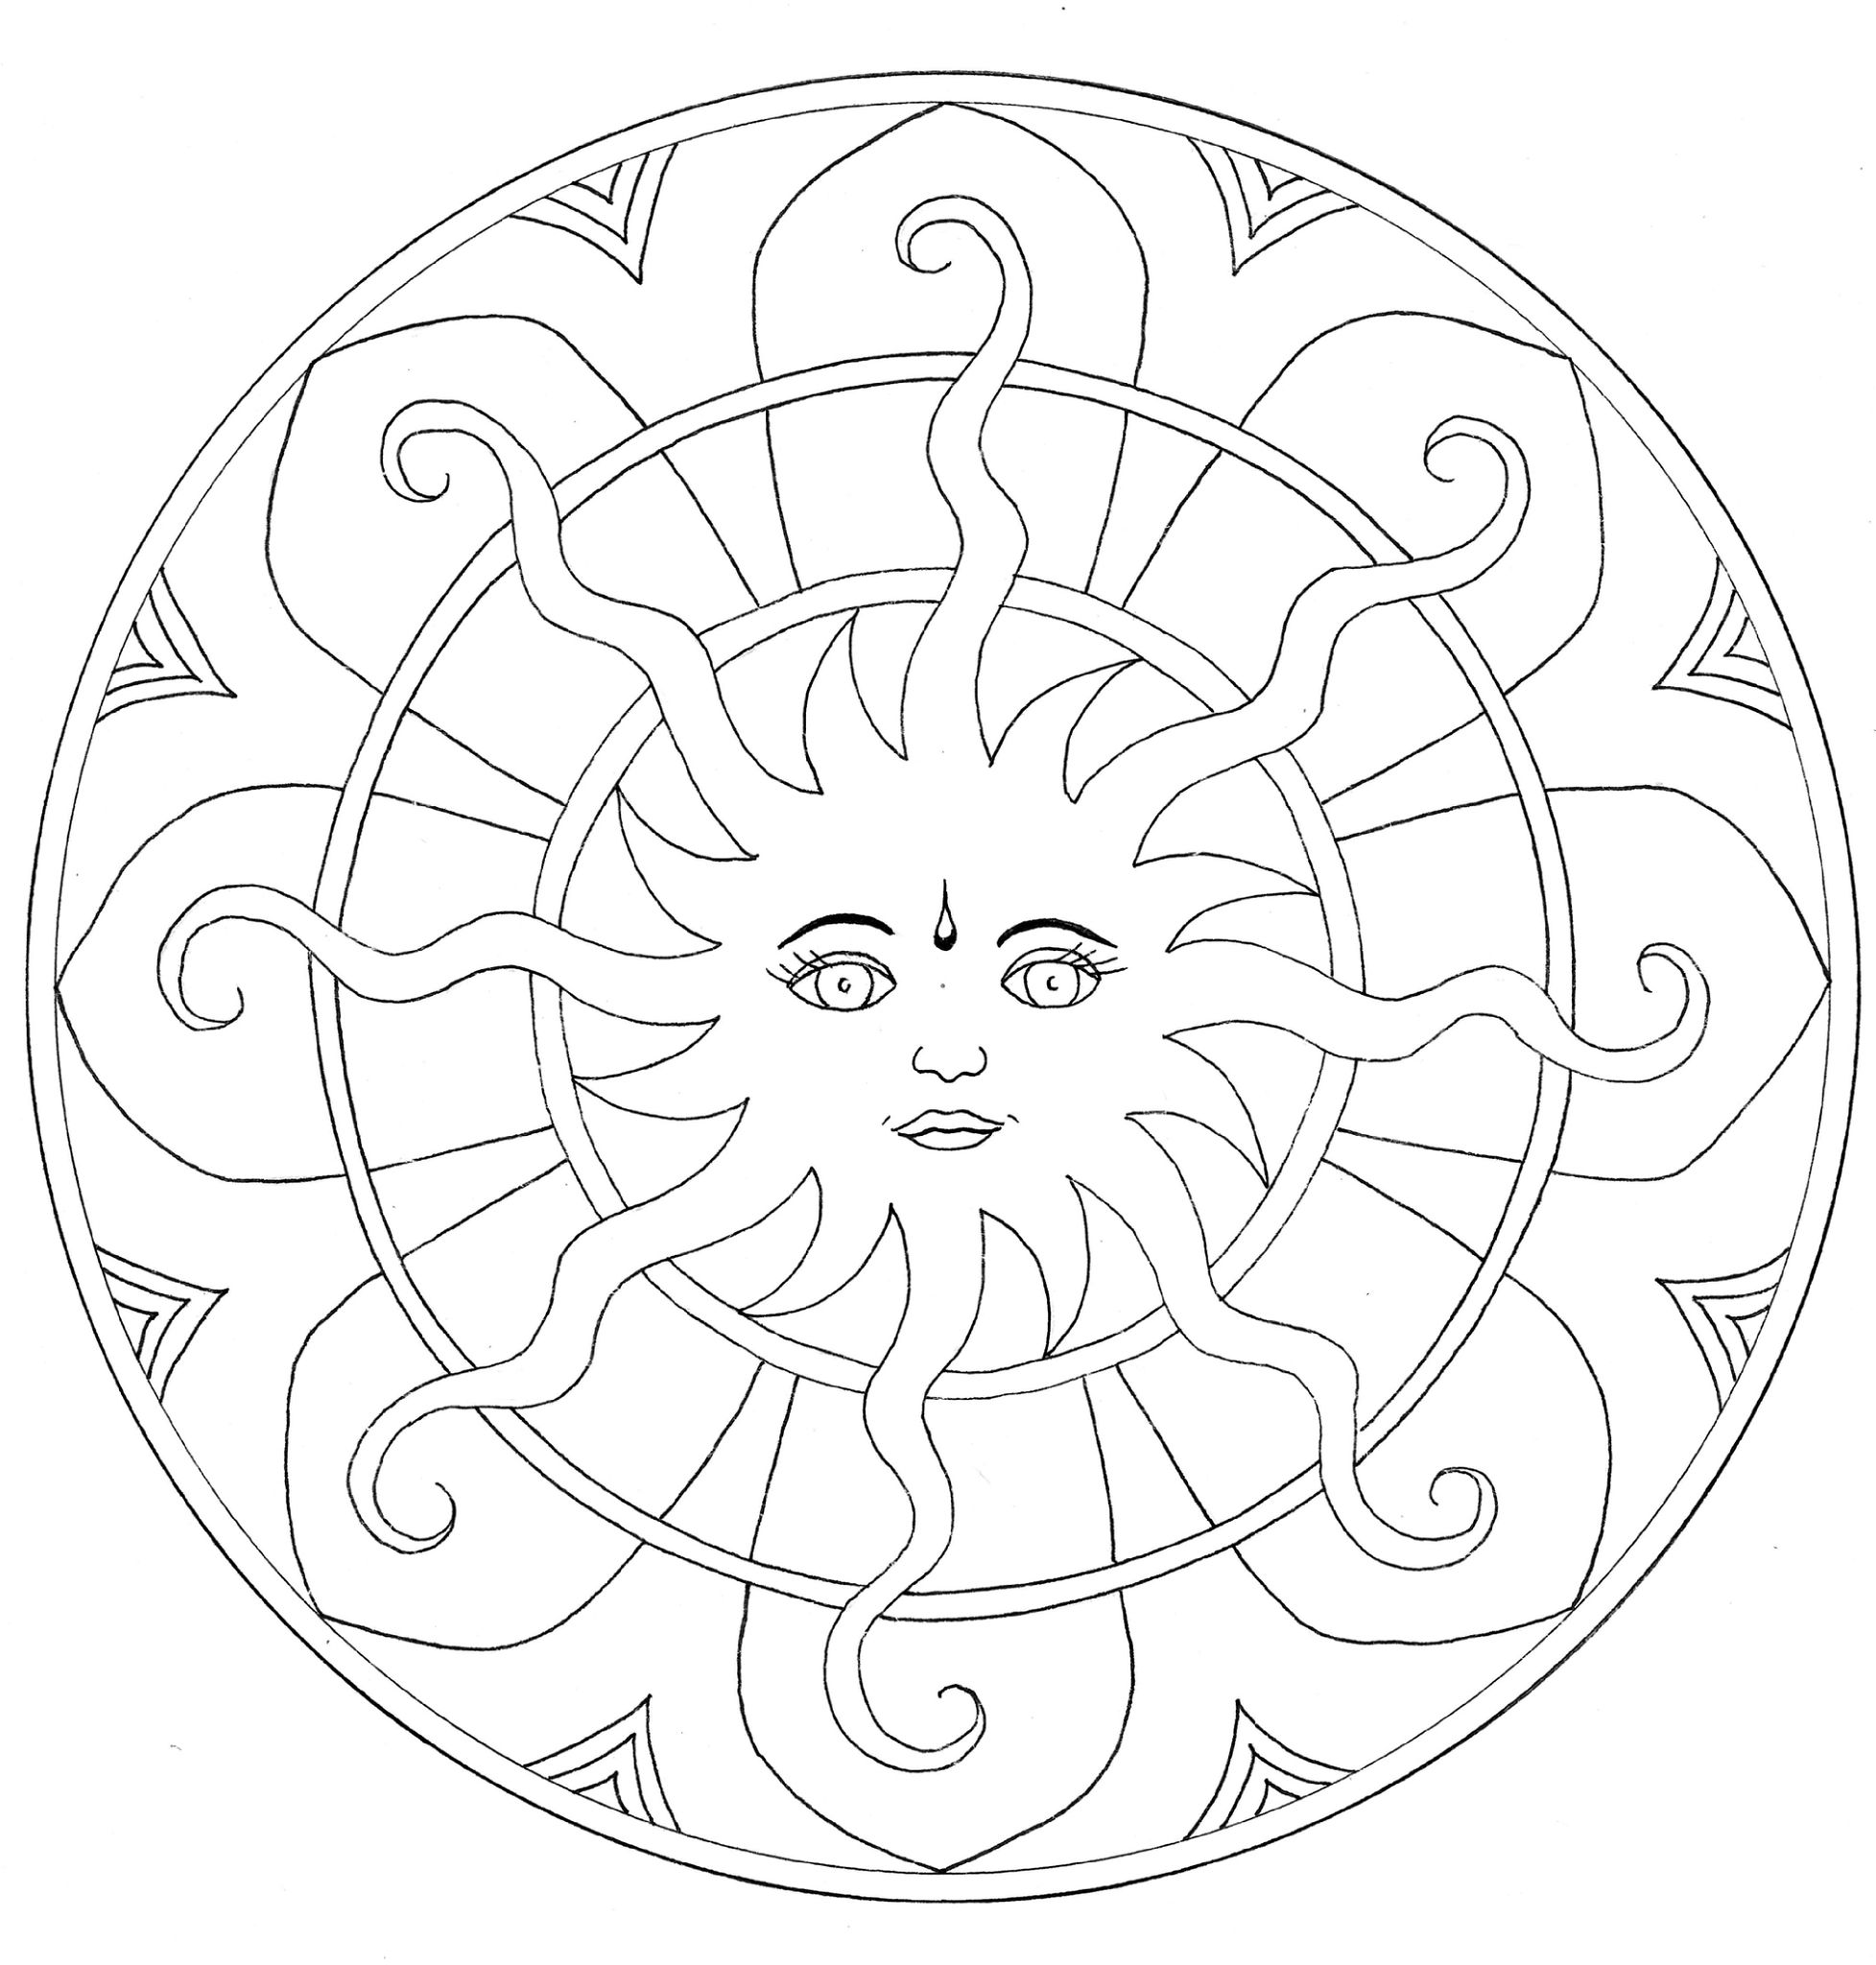 Coloriage mandala soleil imprimer - Dessin de soleil a imprimer ...